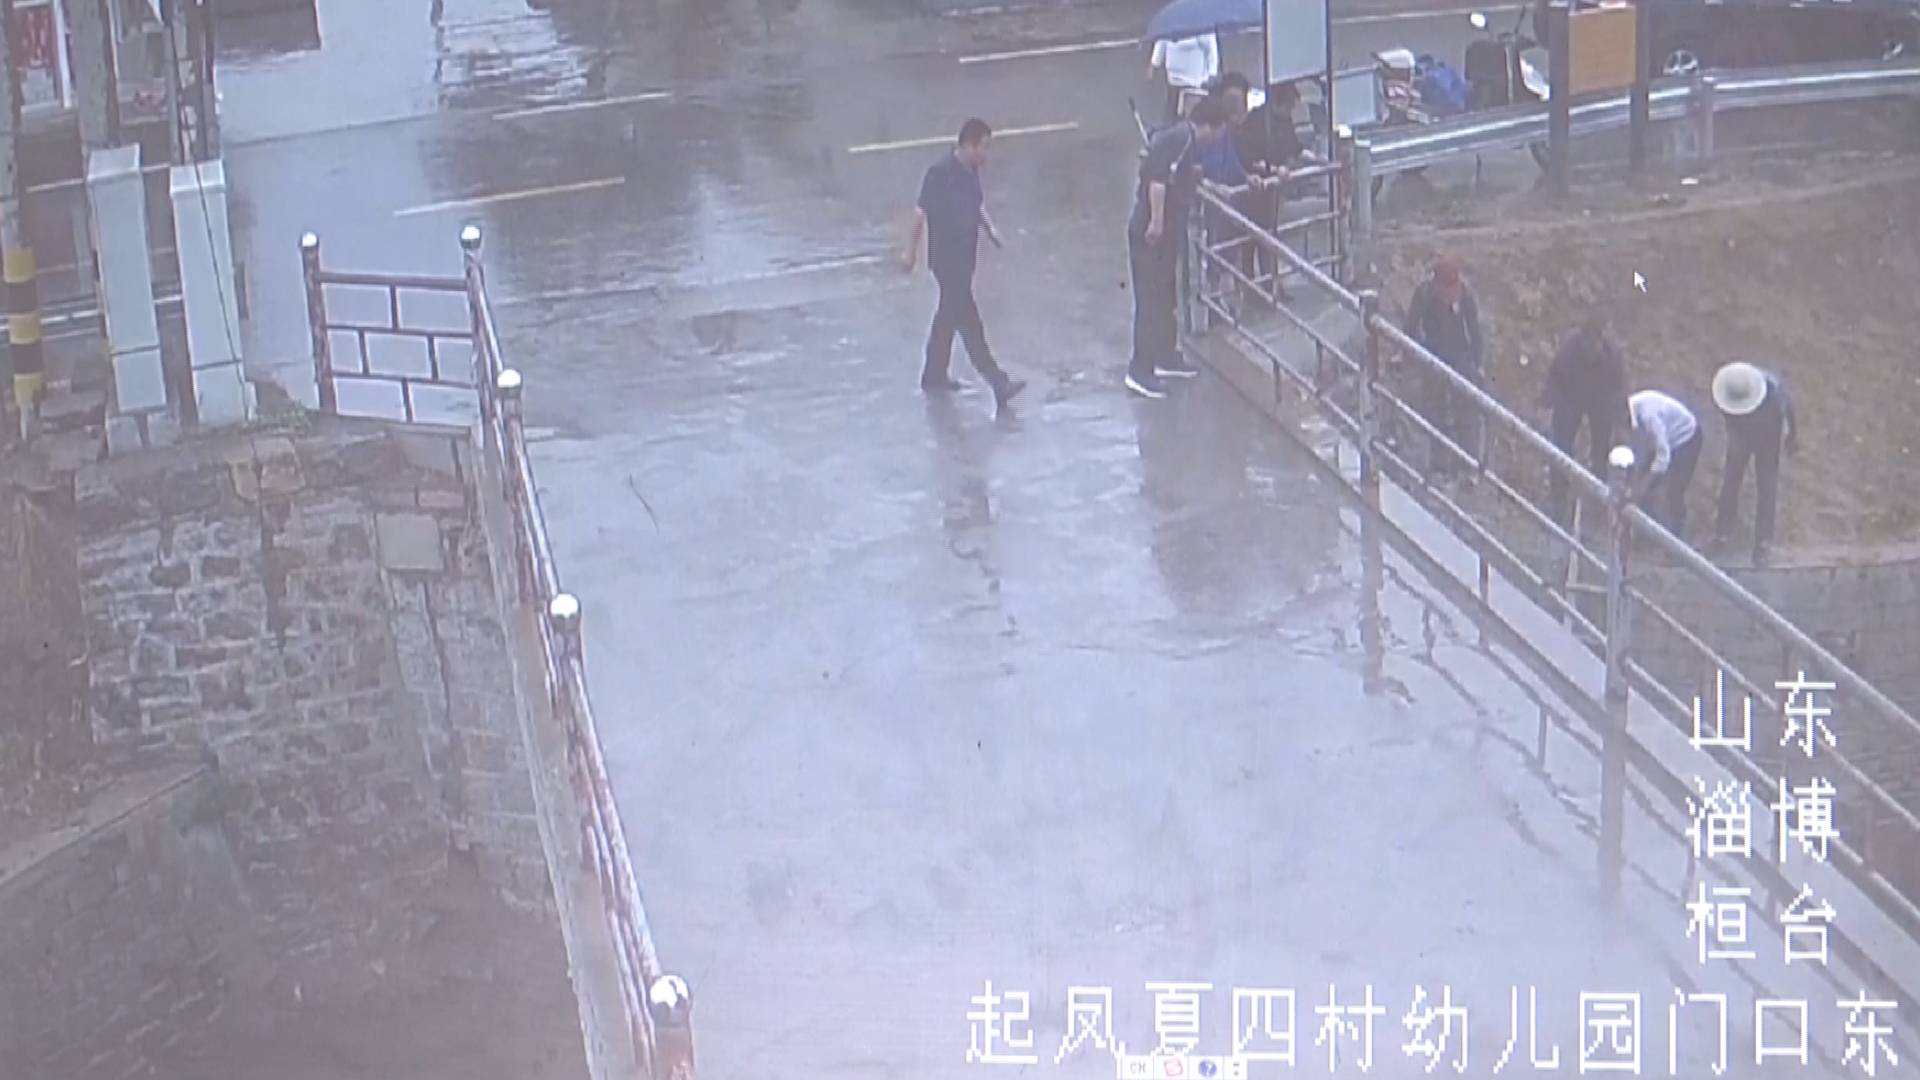 62秒丨现场视频!淄博七旬老人不慎掉进河里 众人合力救人